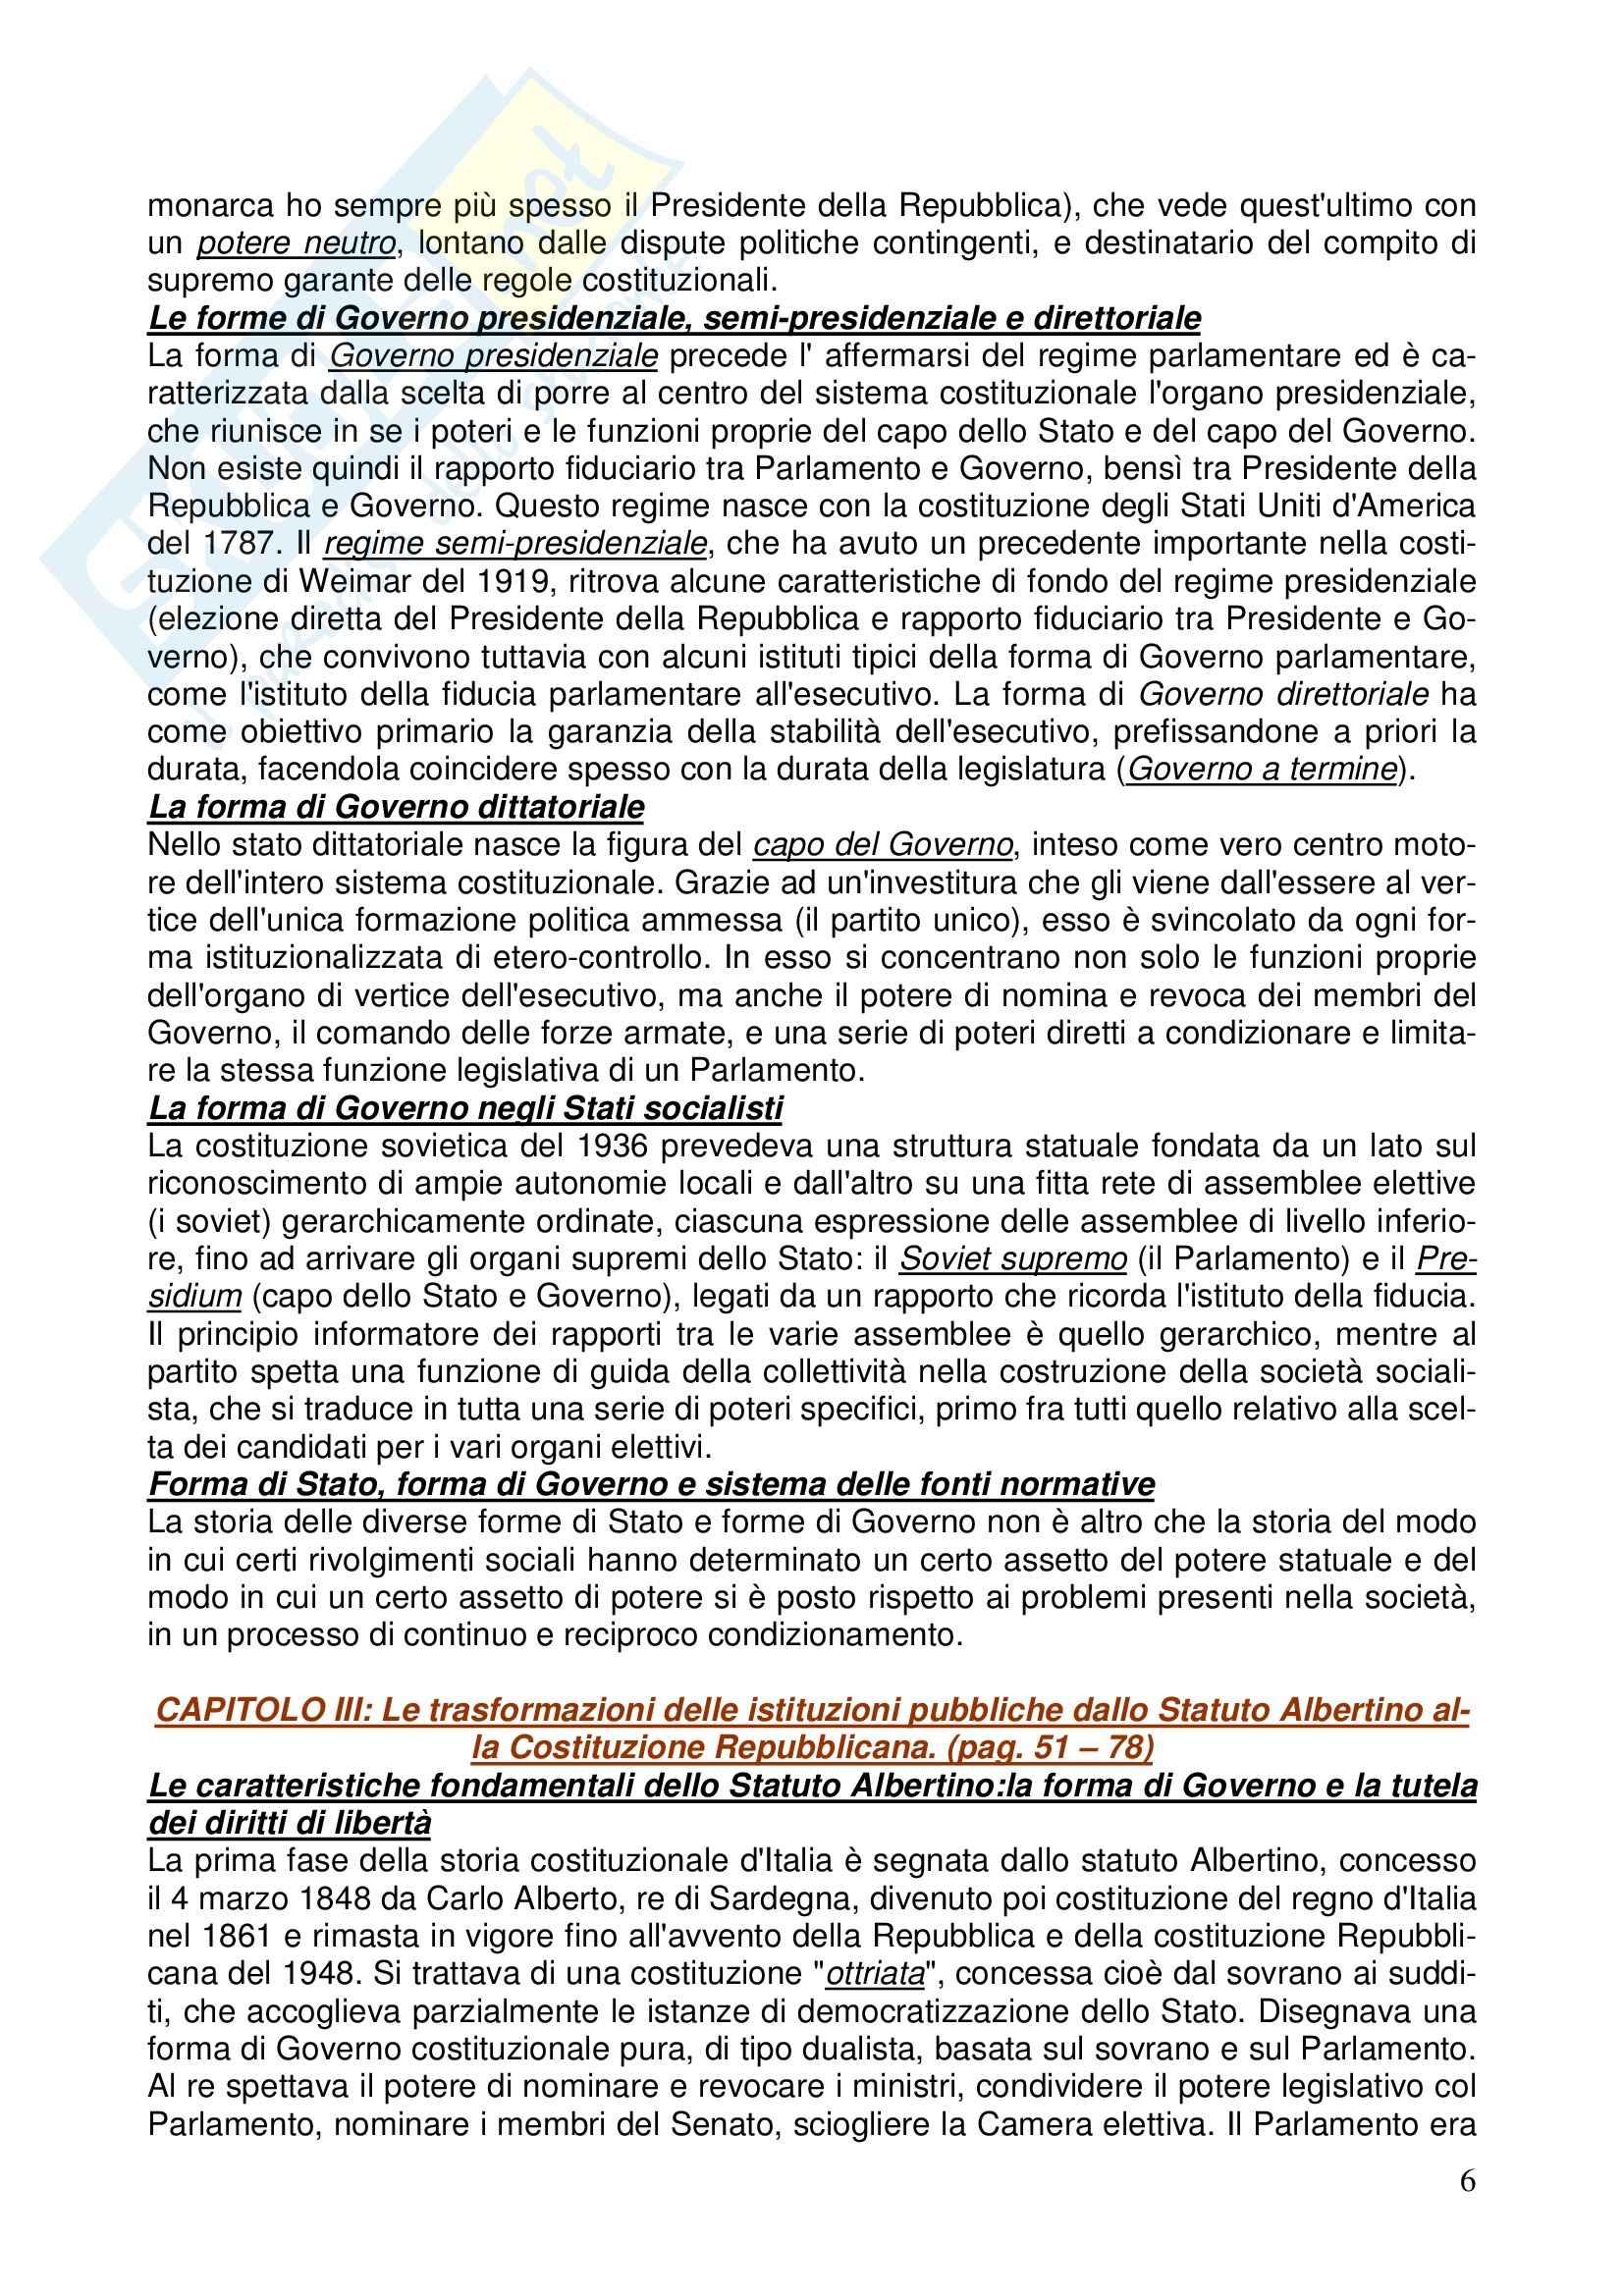 Diritto costituzionale - Riassunto esame, prof. Girelli Pag. 6